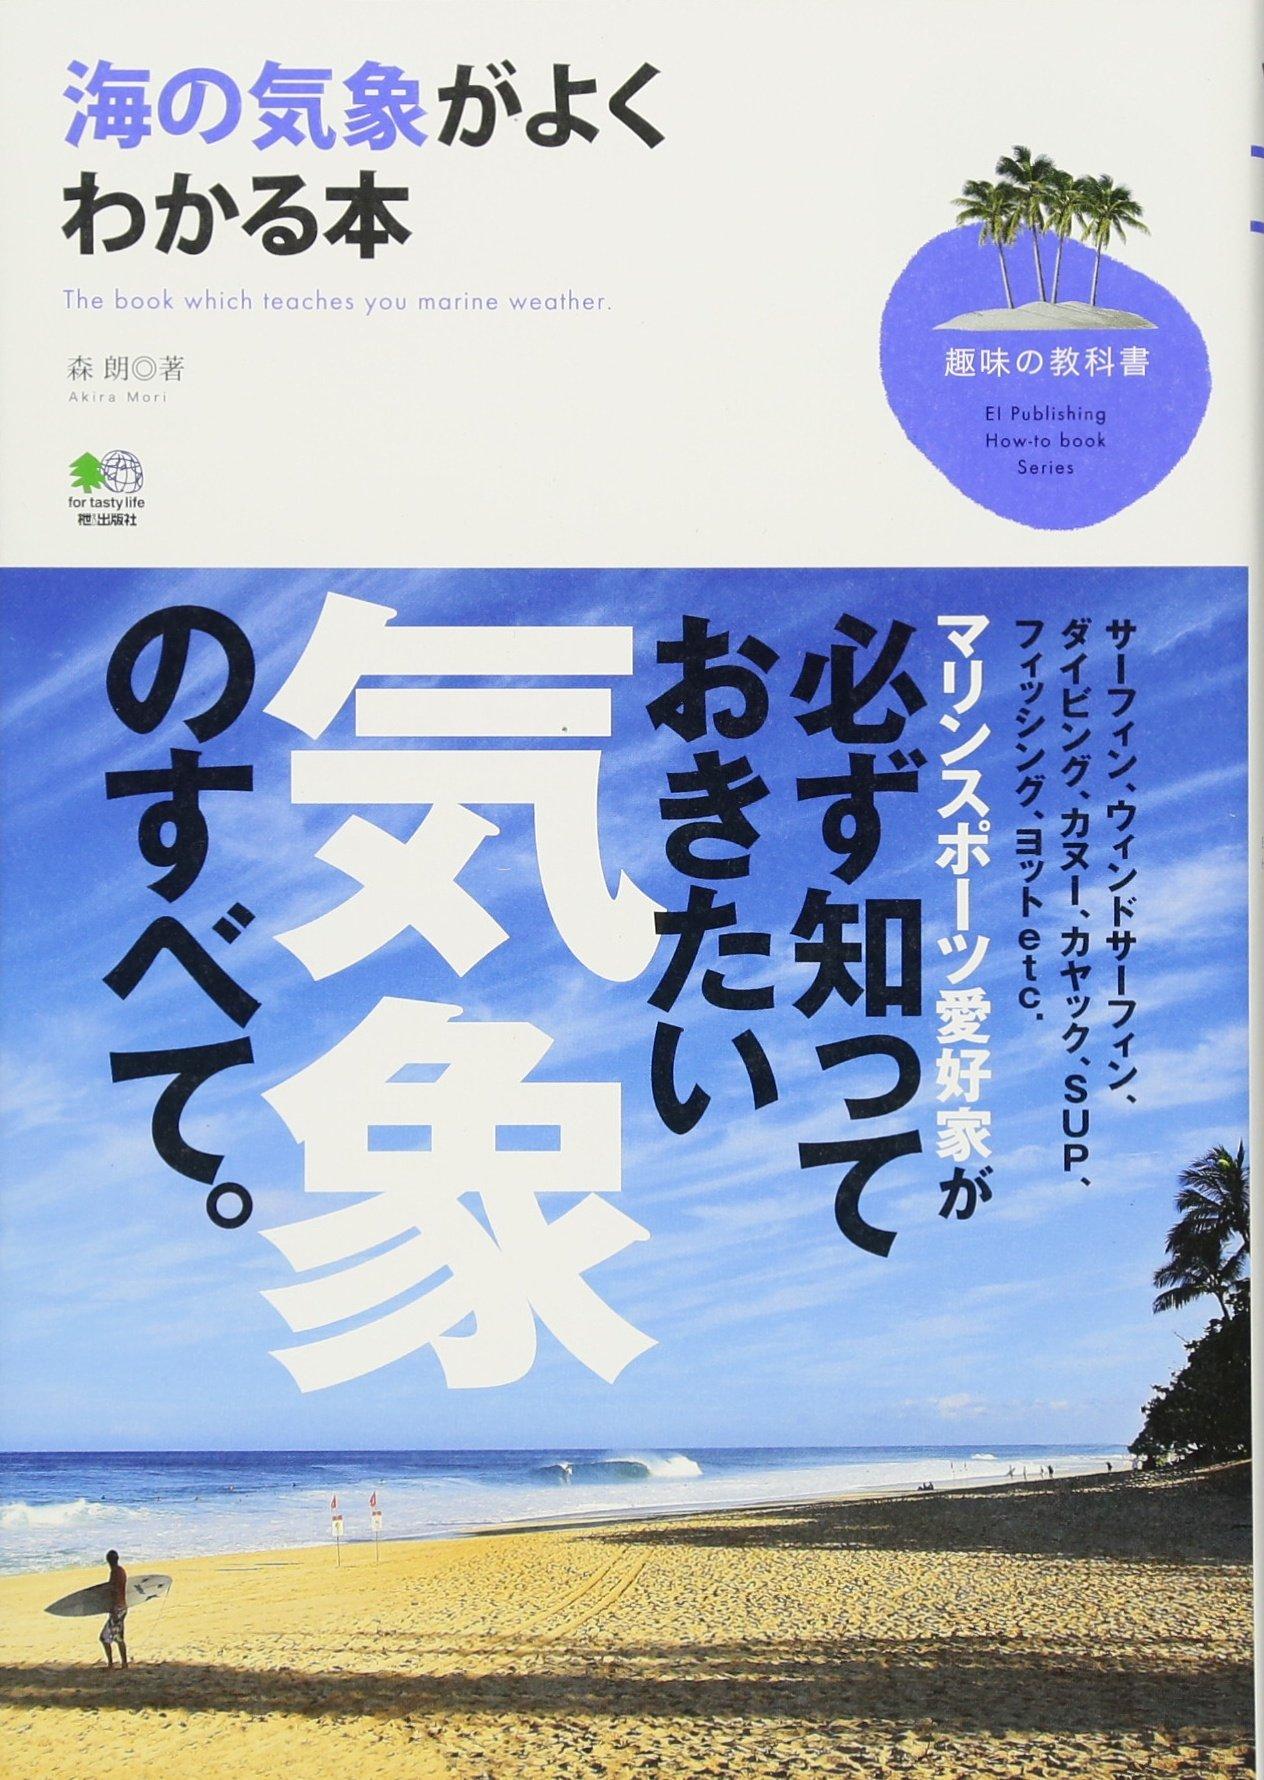 アプリ 海 天気 jp